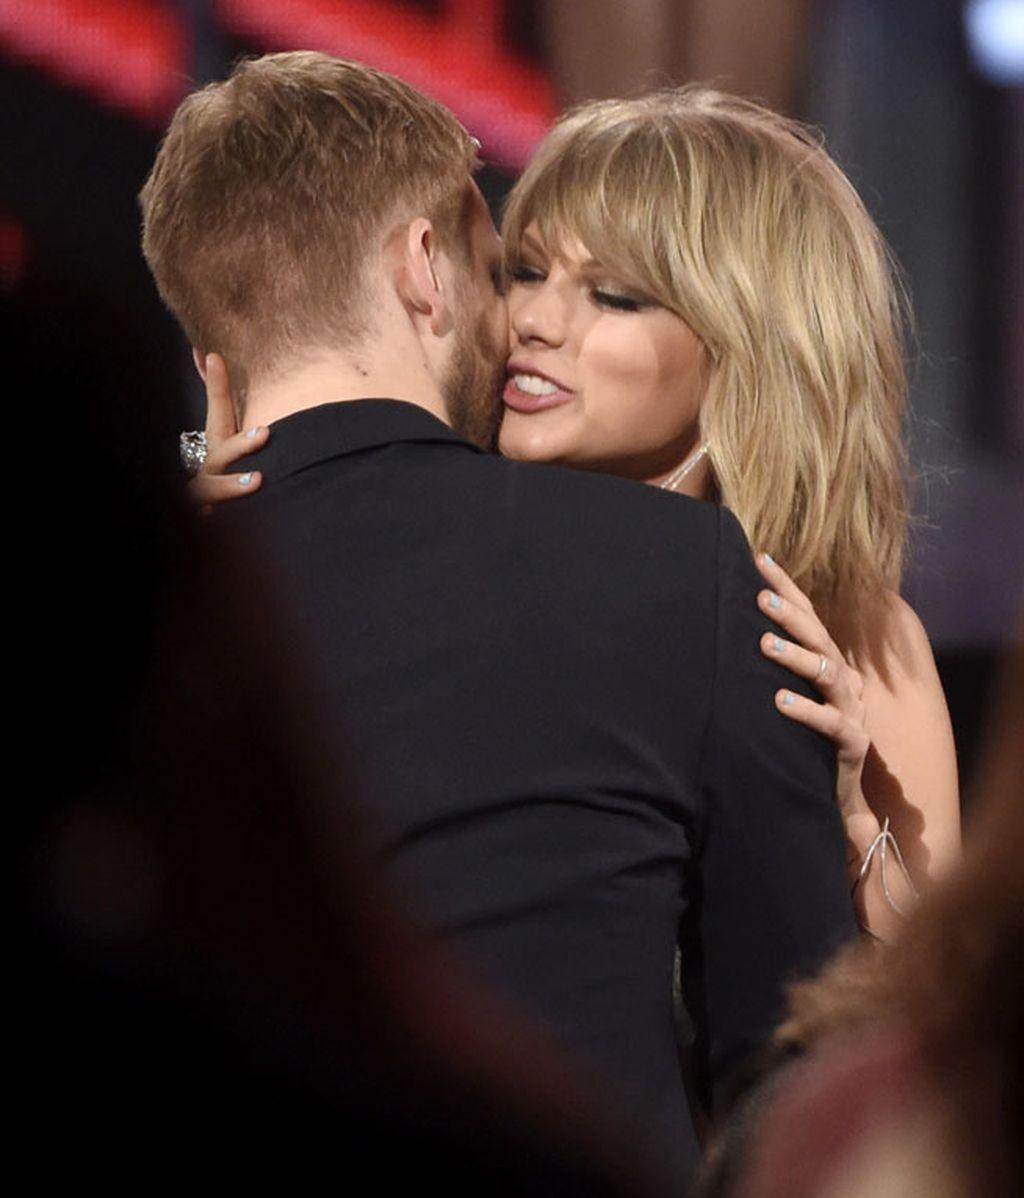 Beso y abrazo cómplice tras los rumores de relación y mucho jugar de despiste